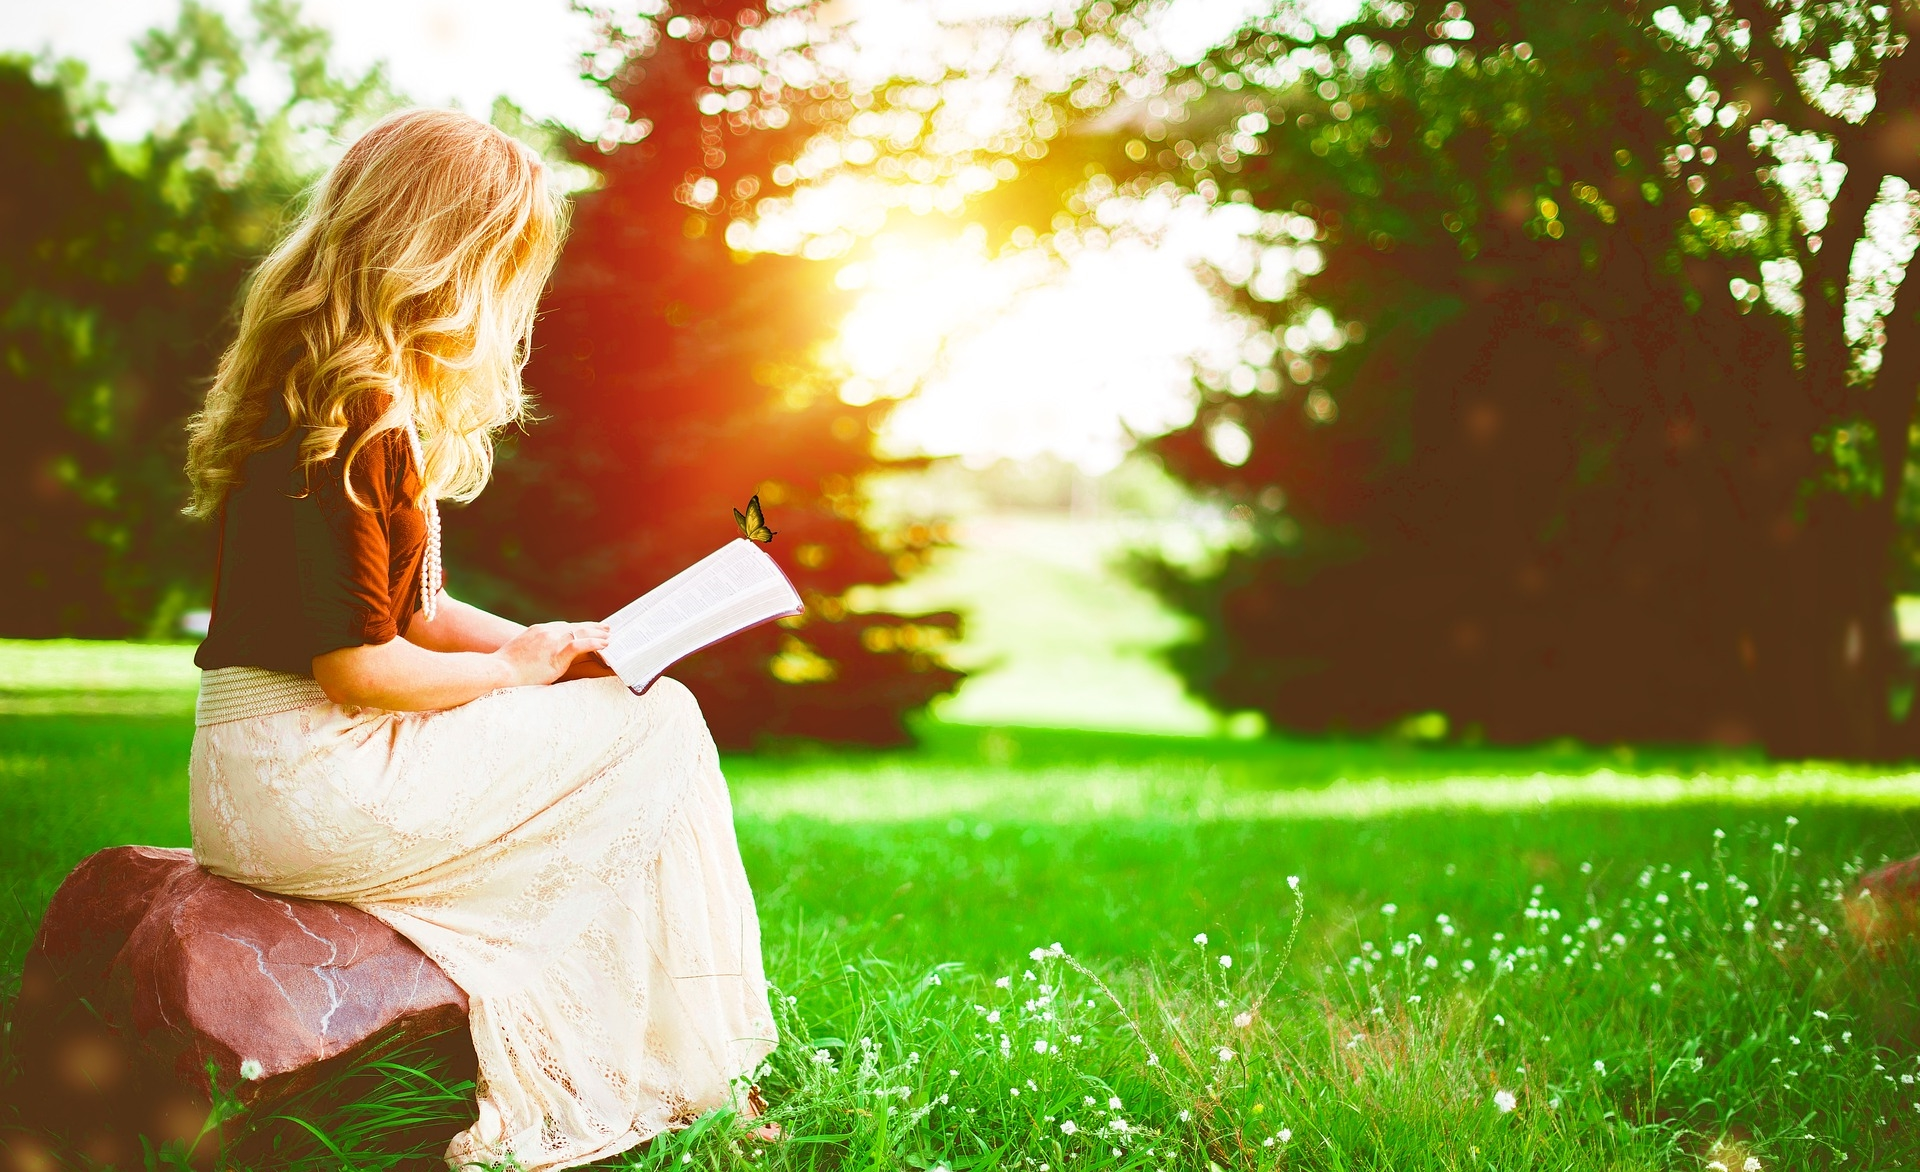 Romane von Bianca Ritter